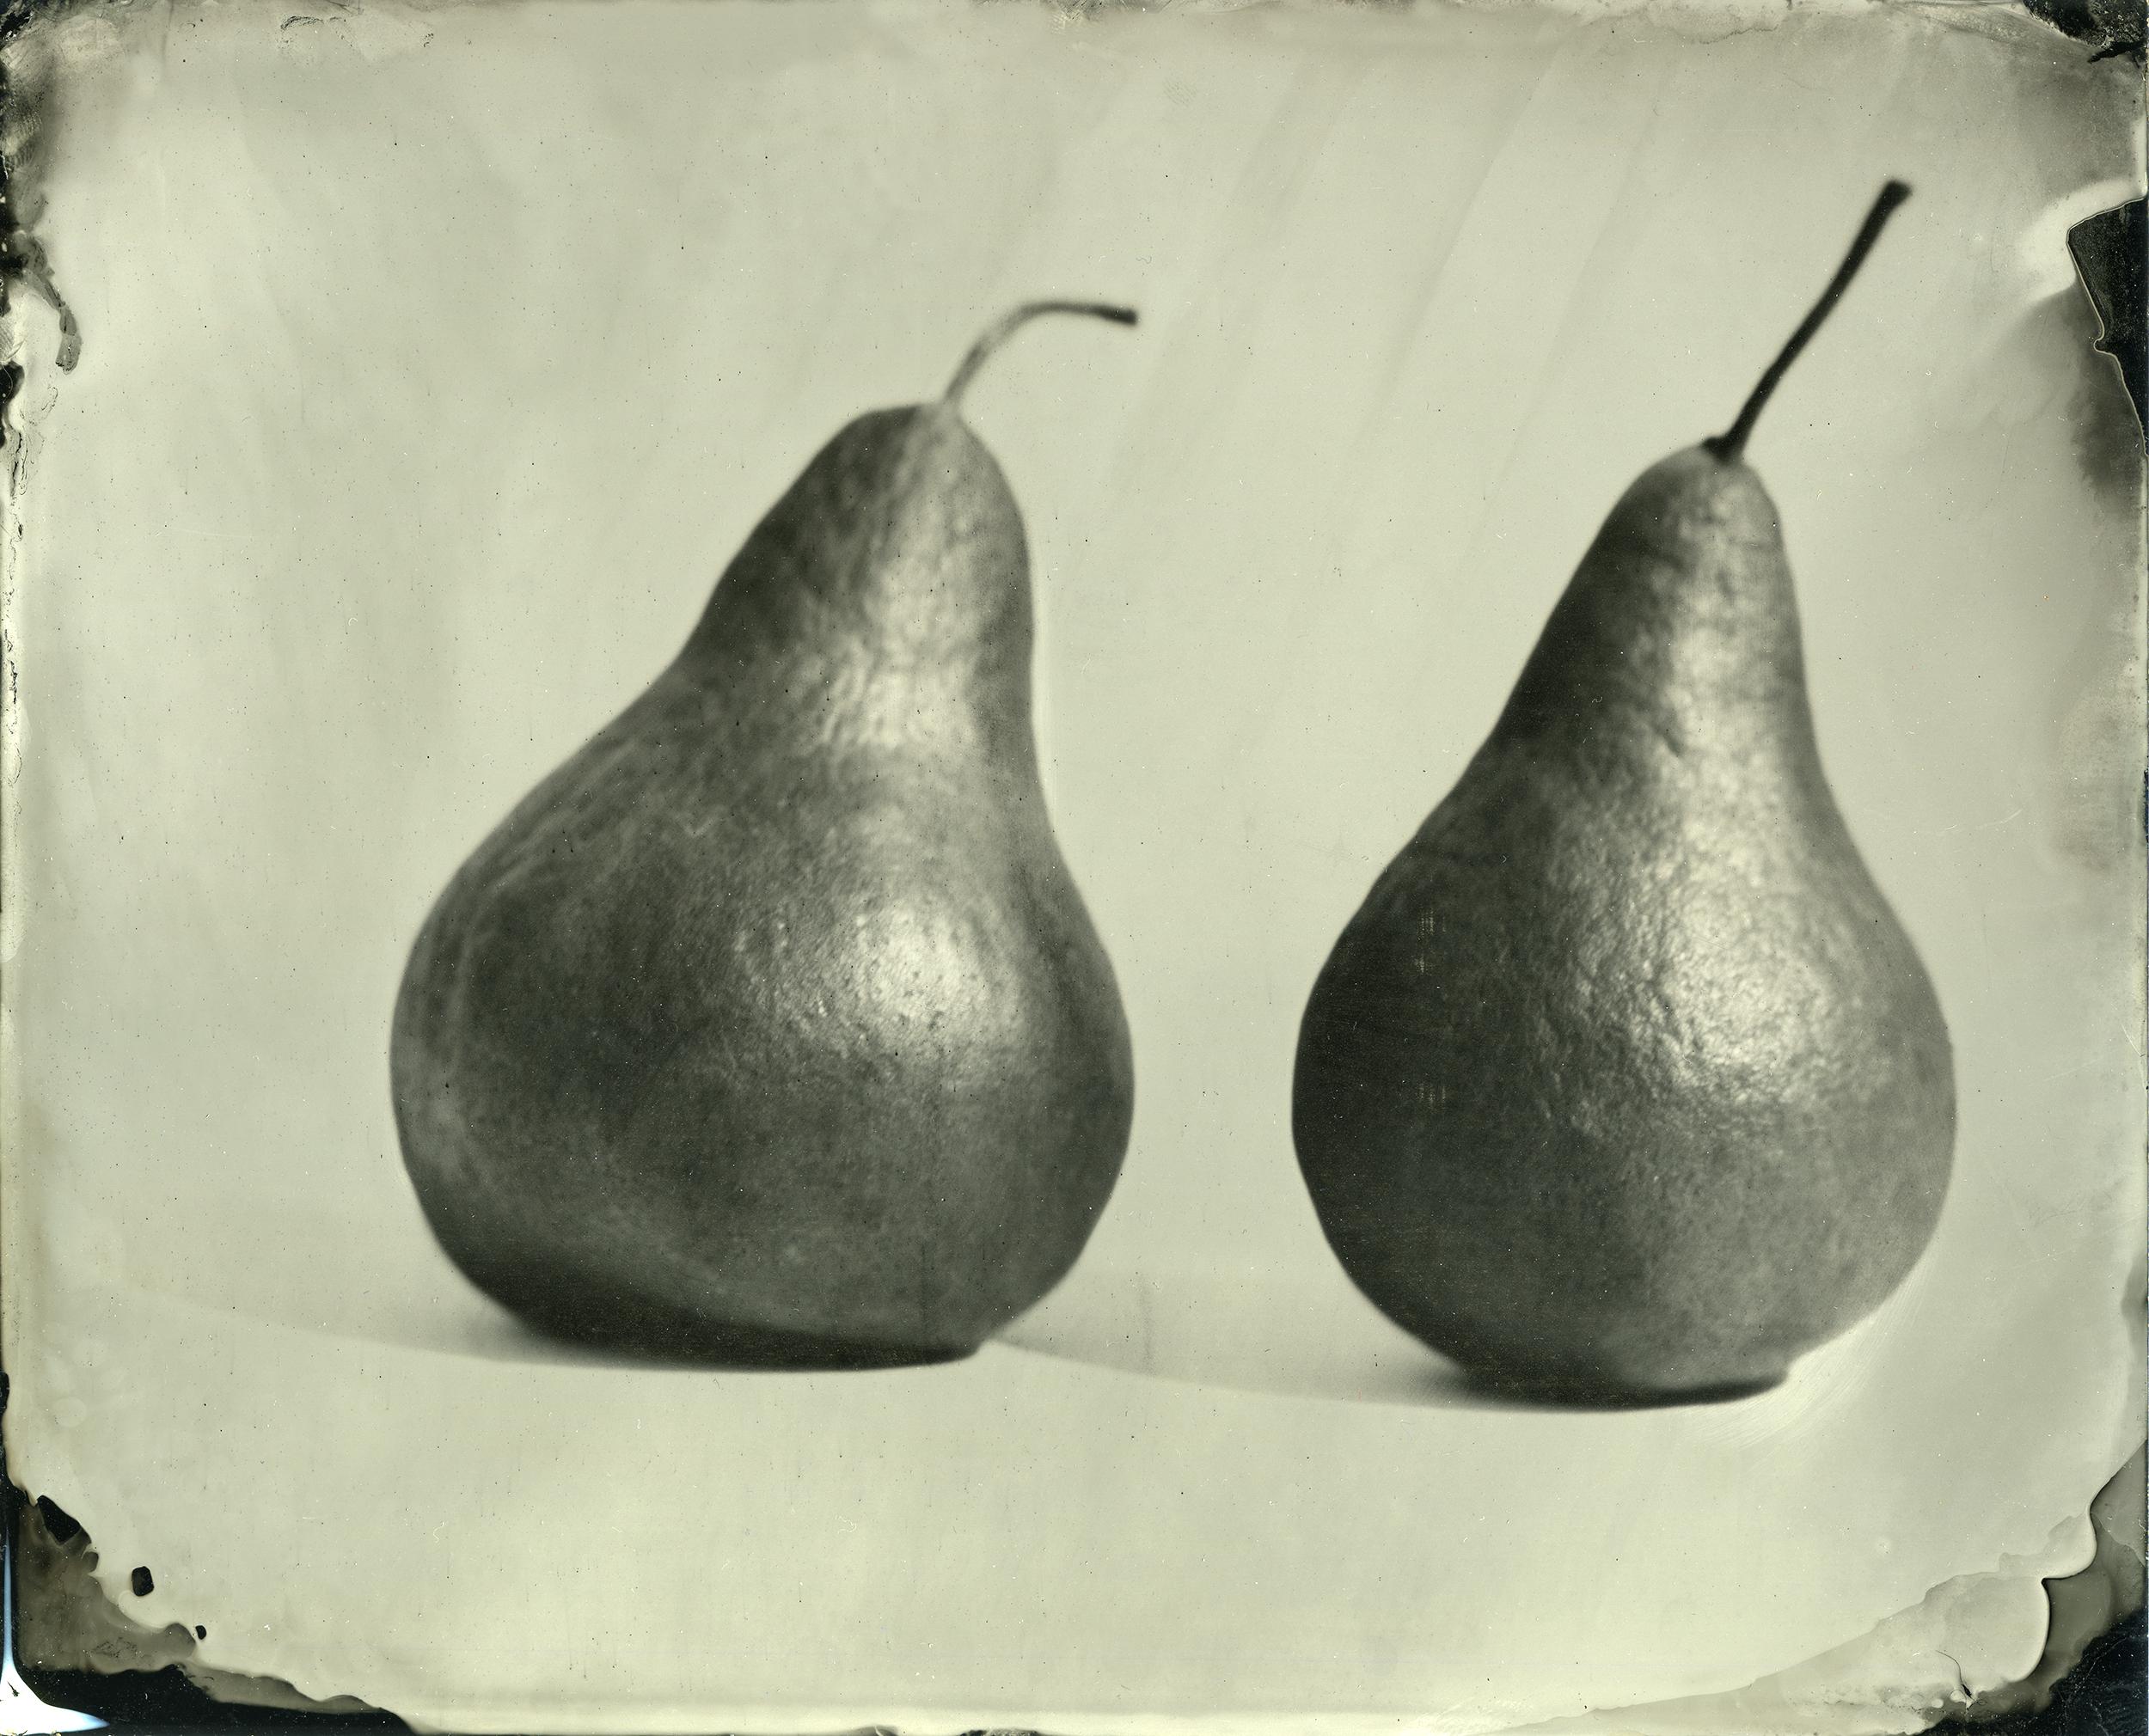 Pears002.jpg